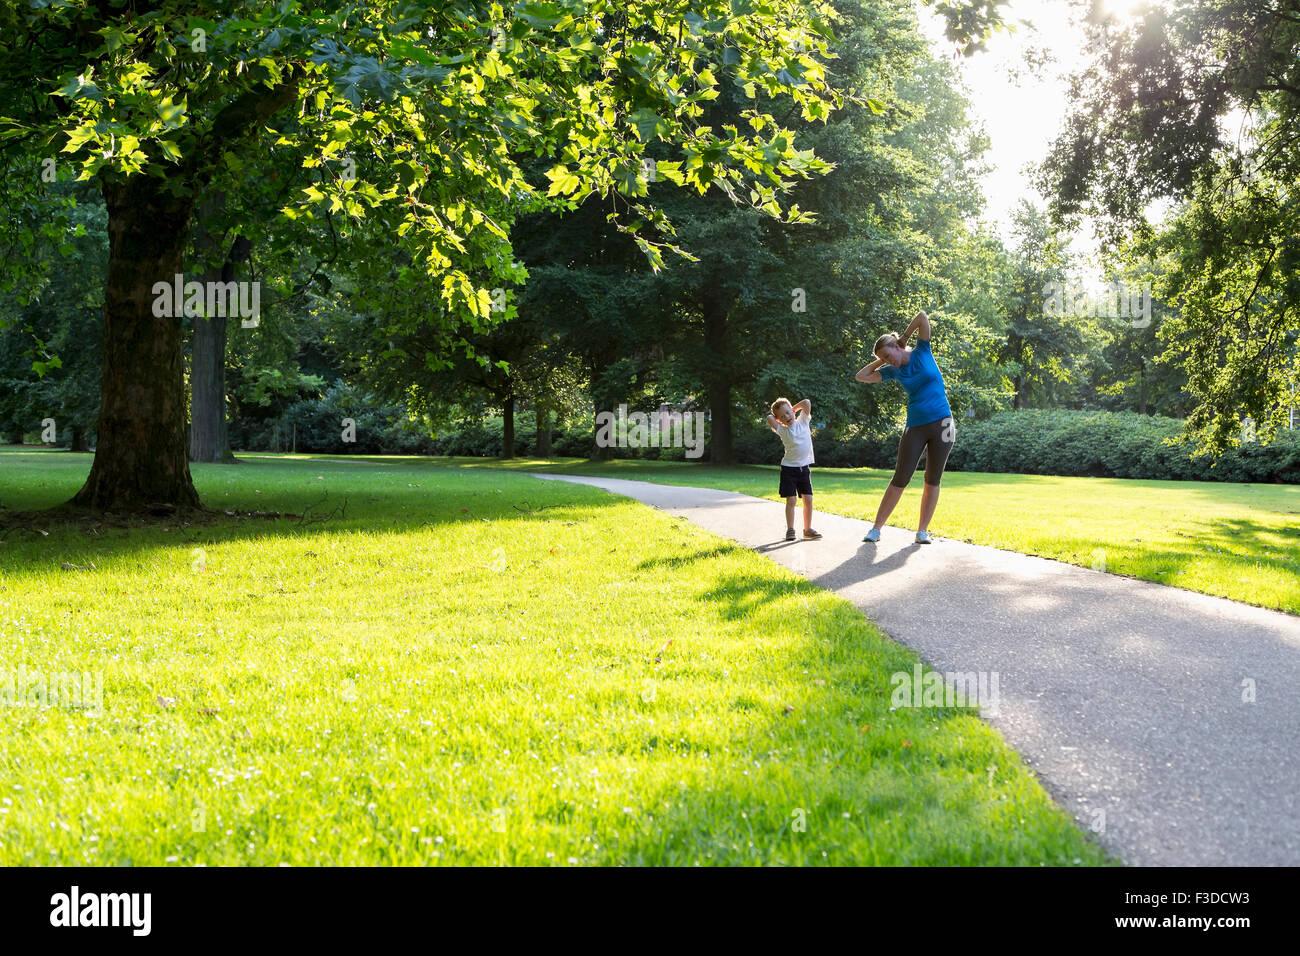 Madre e hijo (12-13) ejerciendo en estacionamiento Imagen De Stock